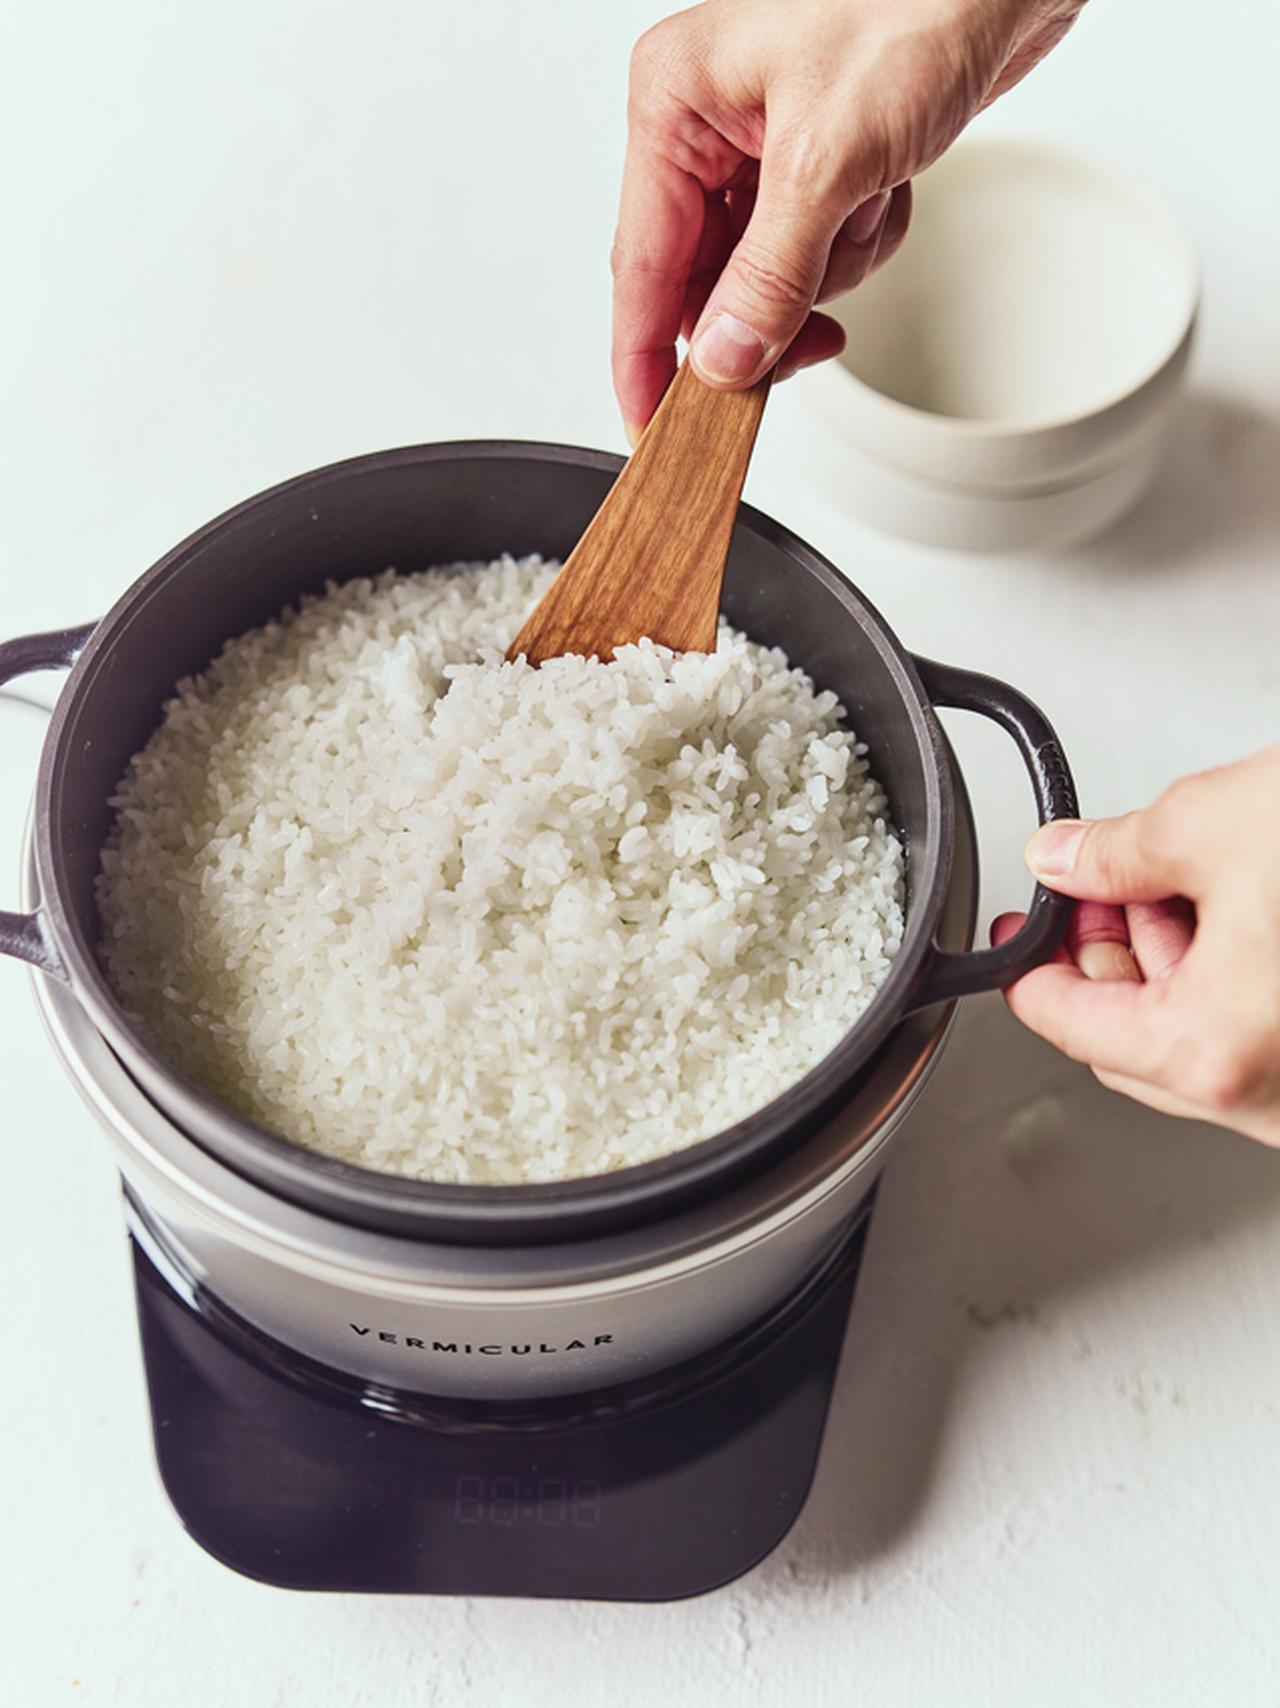 画像: ホーロー鍋への熱の伝わり方をコントロールし、かまどのように立体的に加熱するテクノロジーで、米のうまみをしっかりと引き出す。